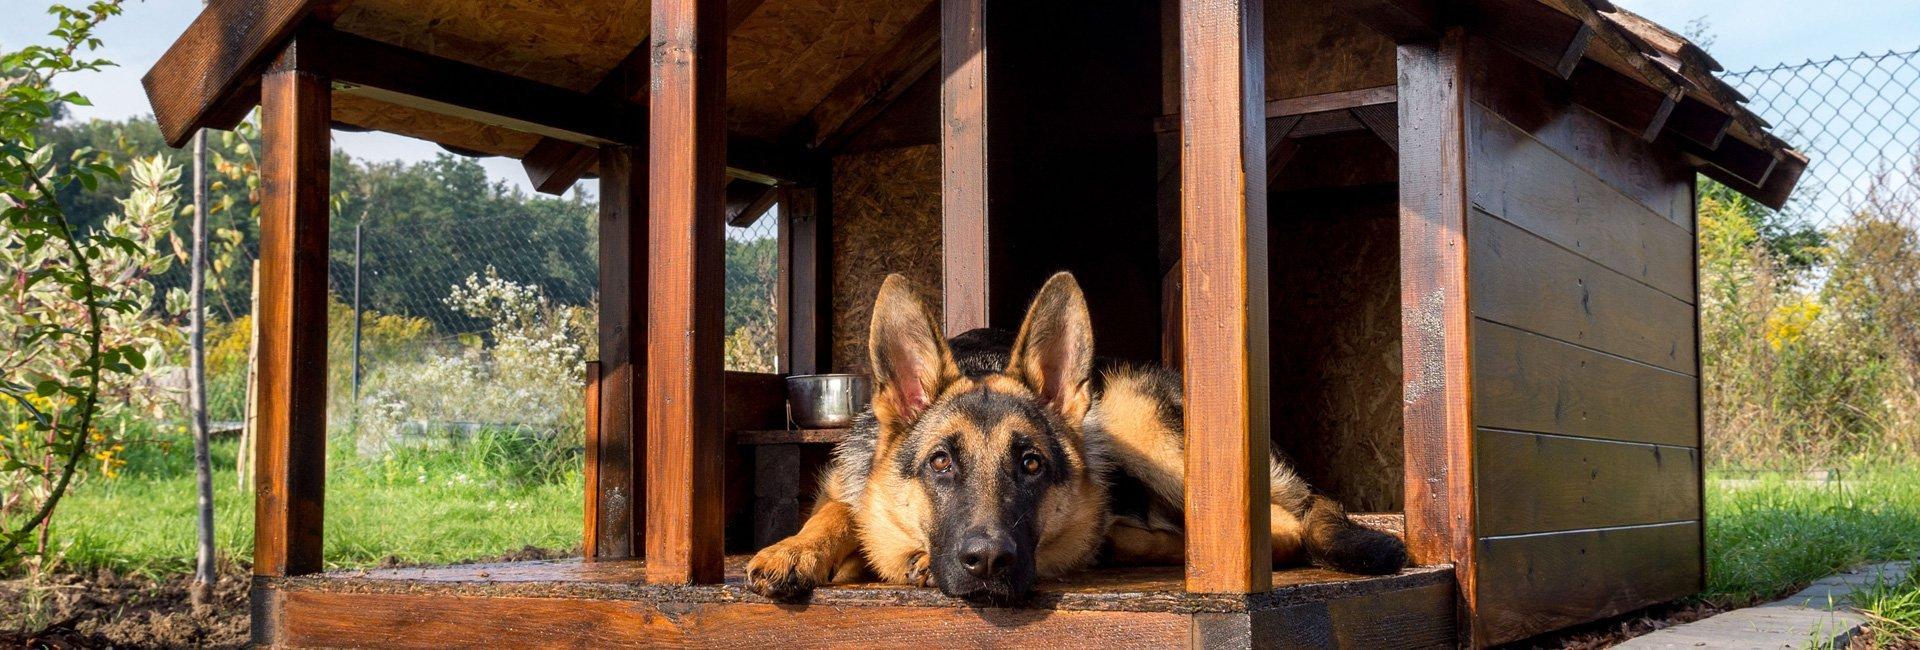 Dog Daycare Everett | Cat & Dog Boarding Kennel & Dog Park